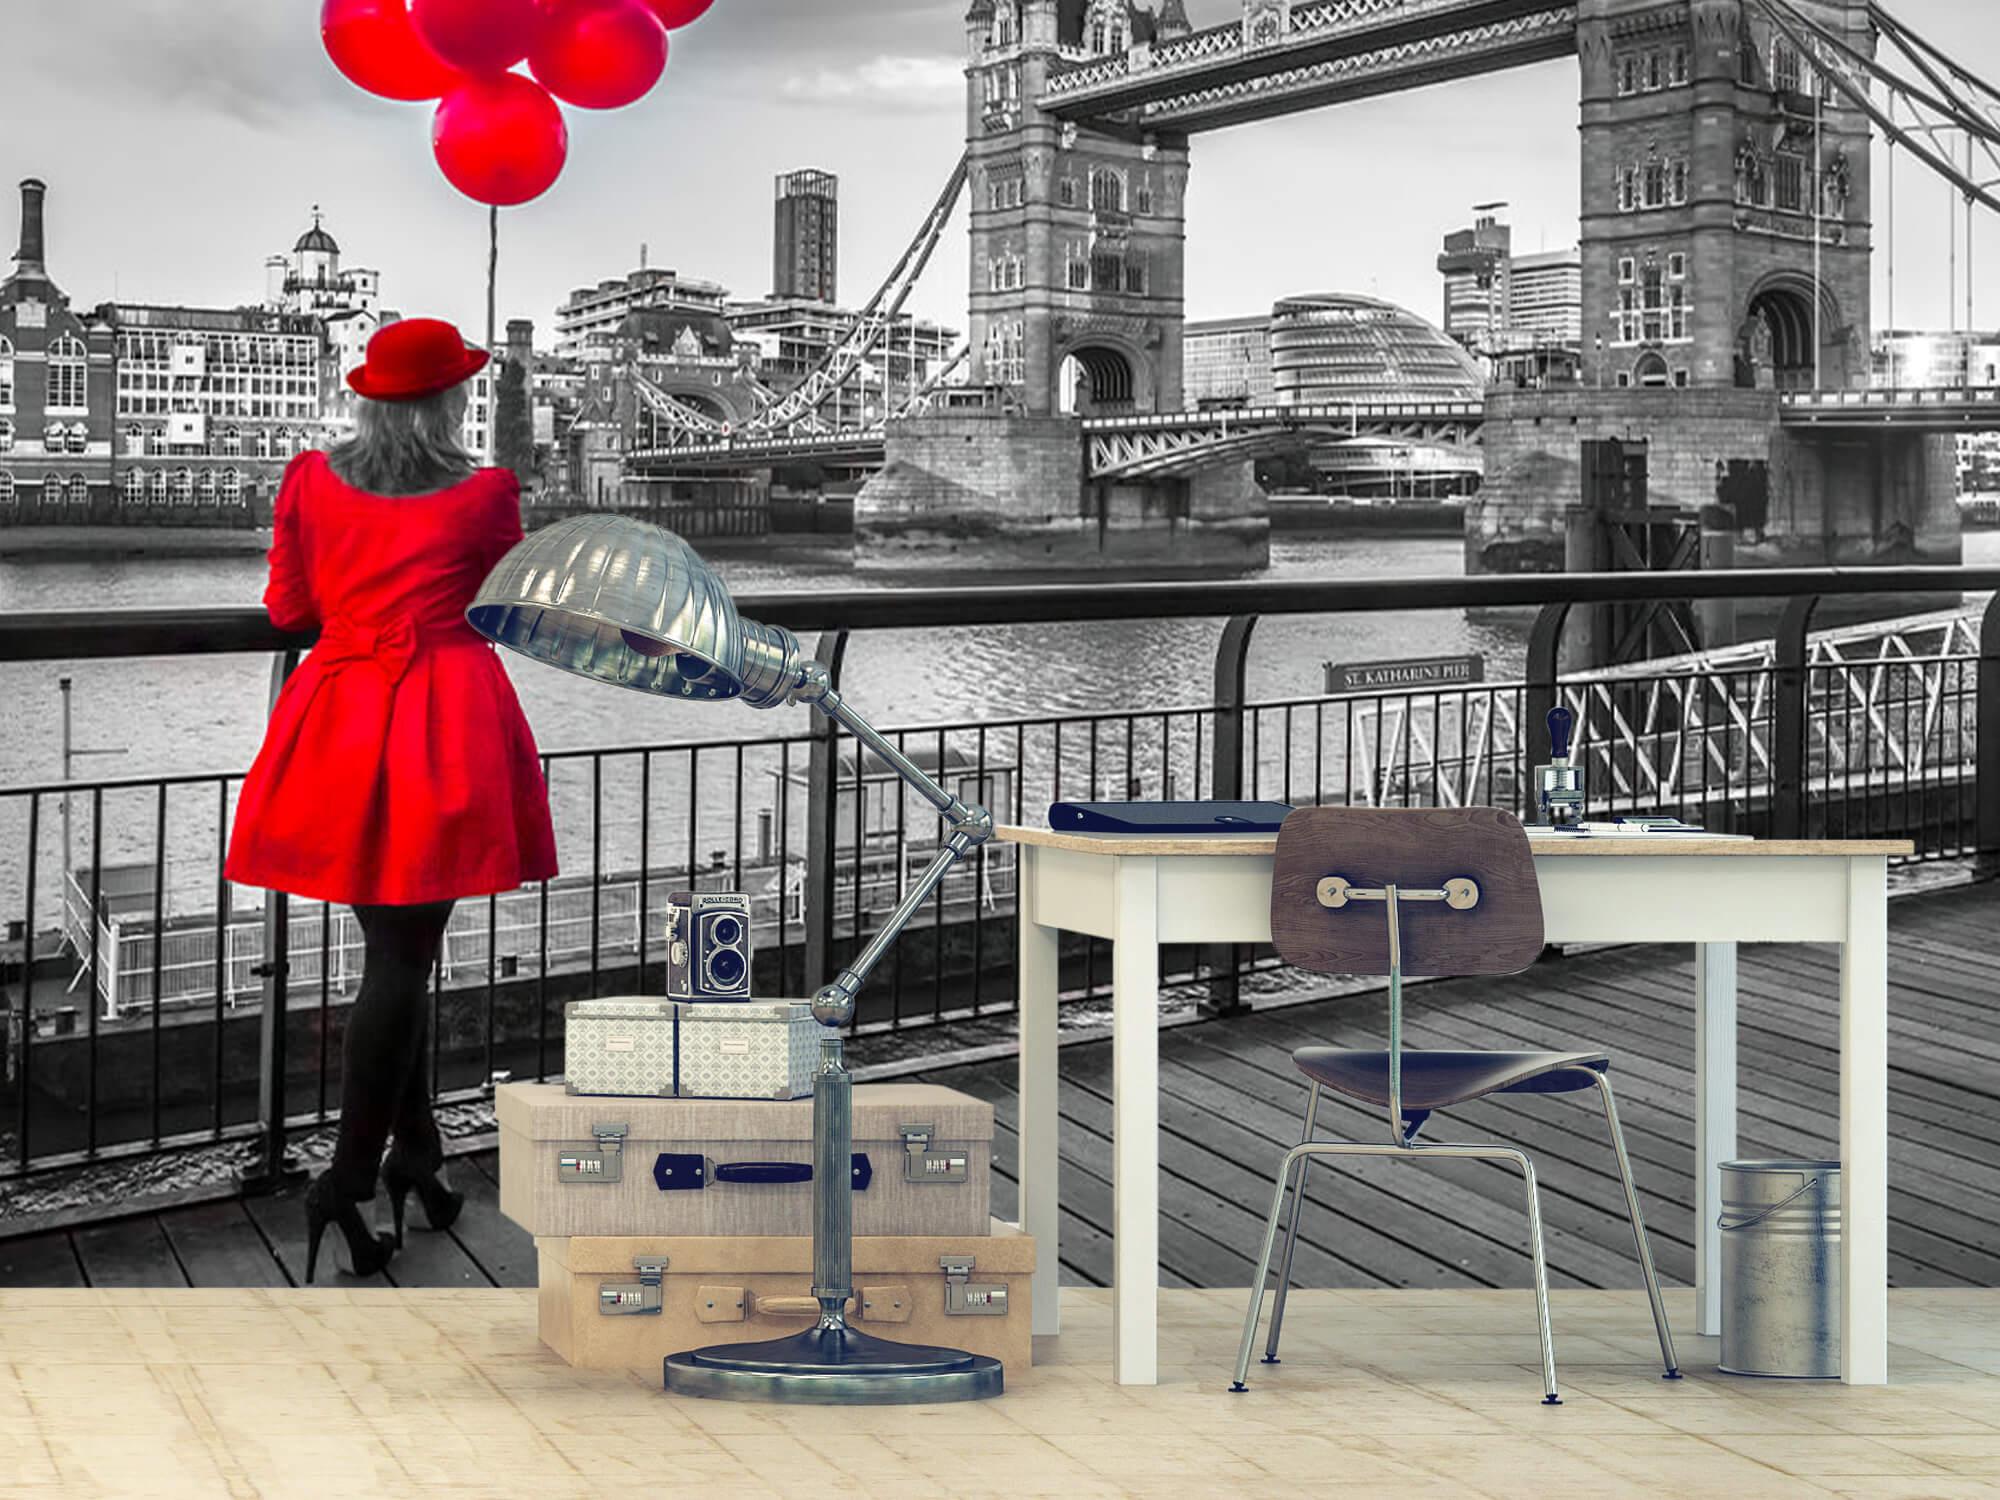 Vrouw bij de Tower bridge 12